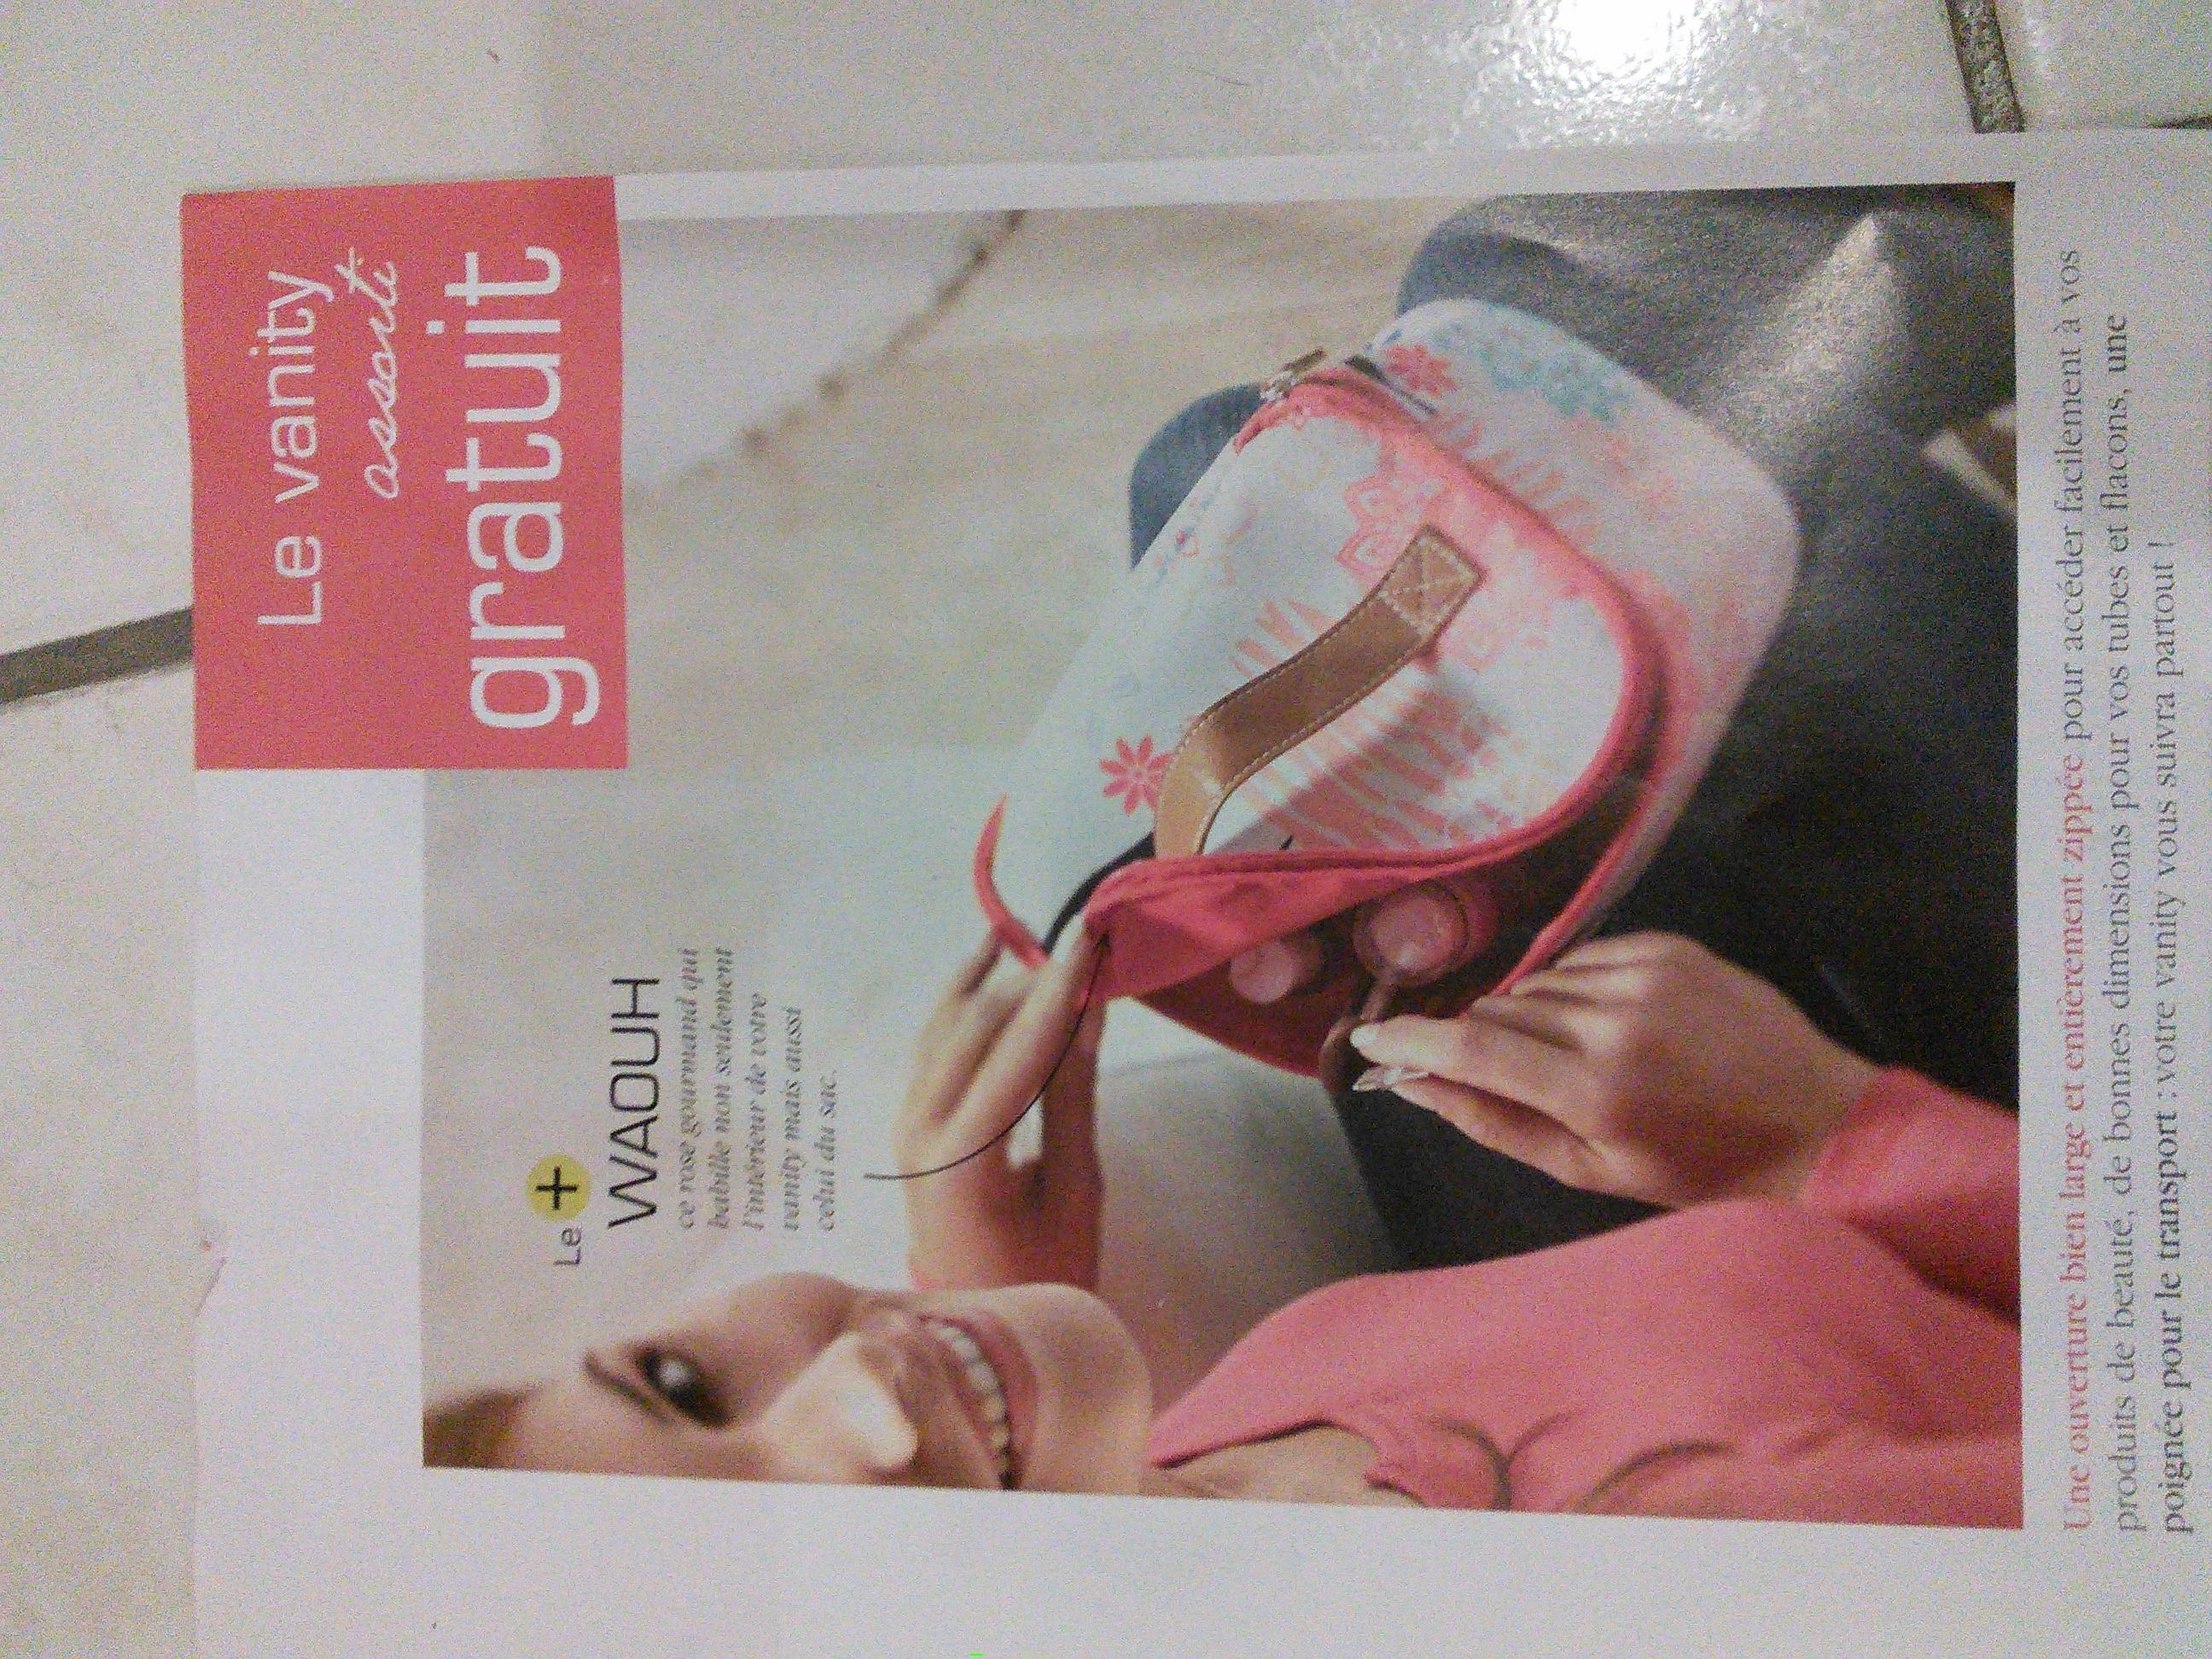 Code promo 11 de r duction d s 20 d 39 achat sac et vanity offerts sur blanche porte - Blanche porte code reduction ...